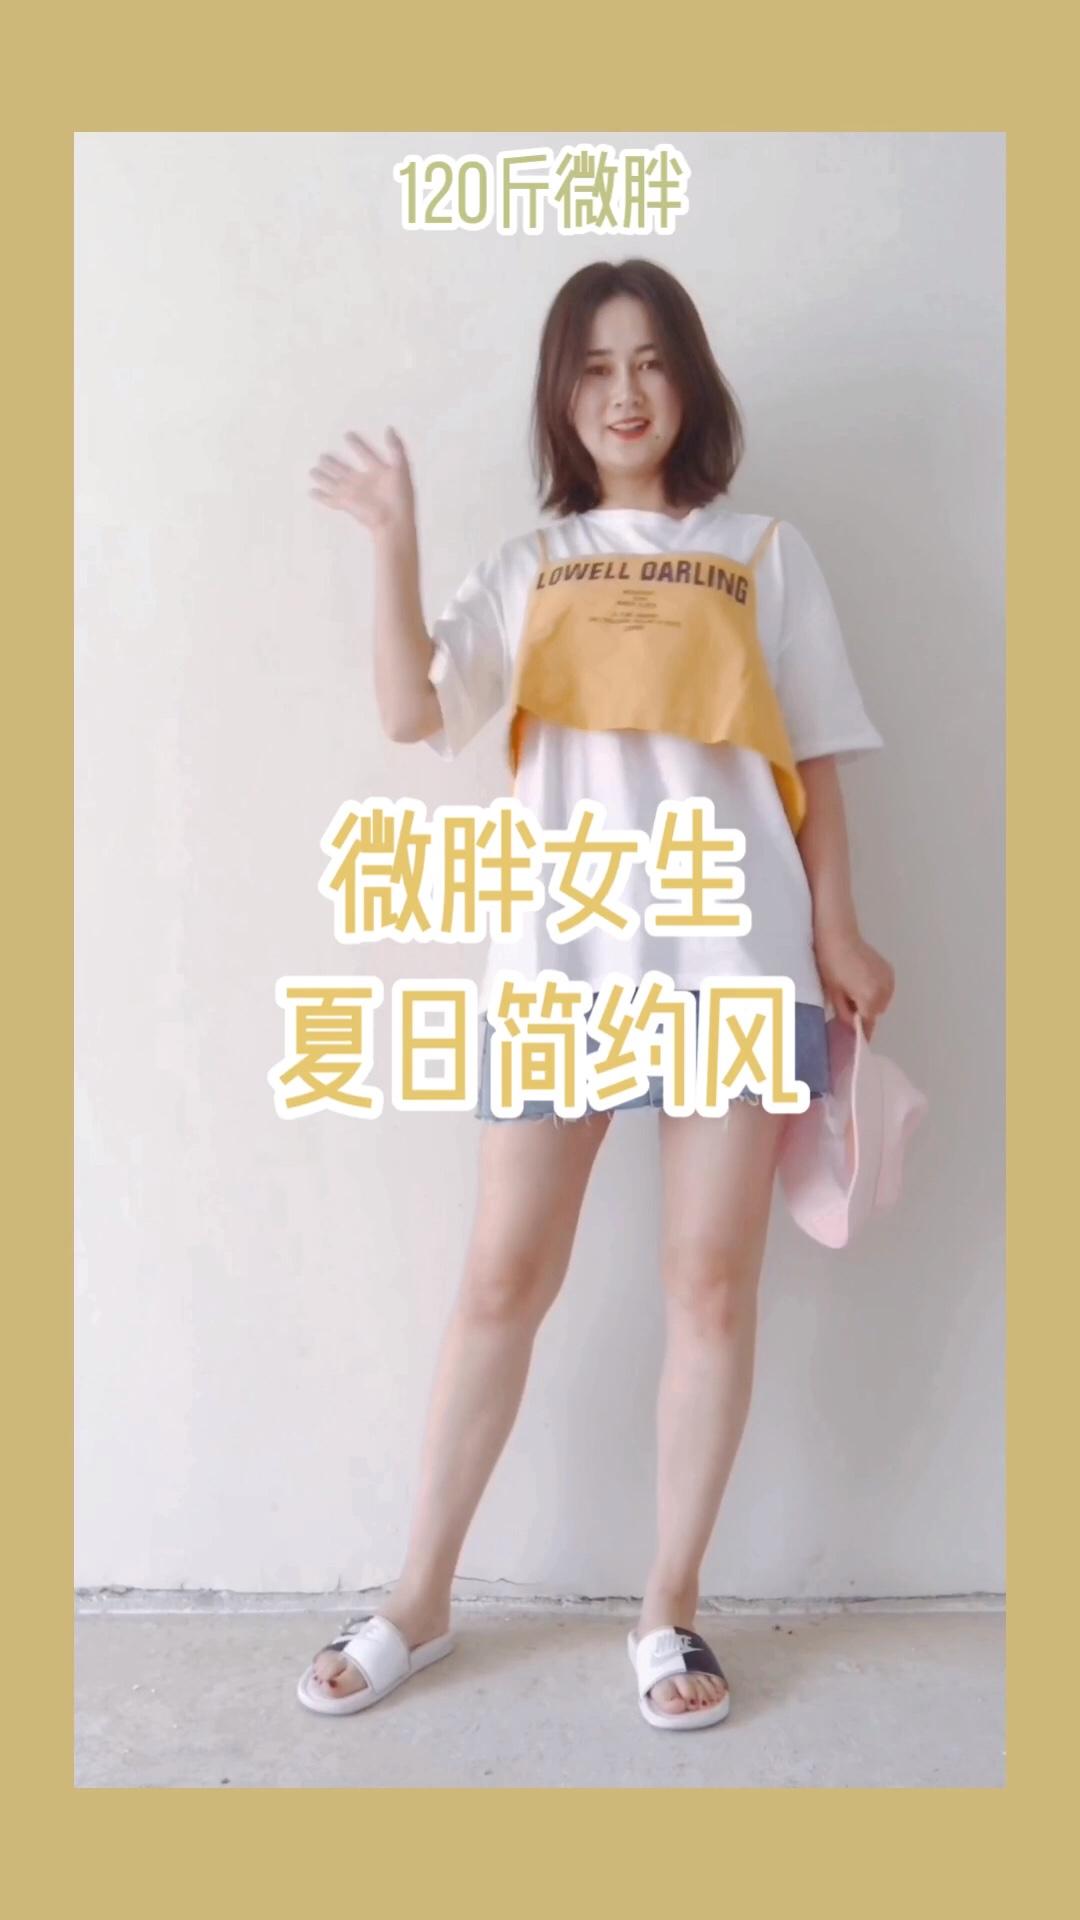 #懒癌+肥胖?终于有救了!#  套装短袖 黄白相间更显白 搭配a字短裙 遮肉显瘦 腿长upupup